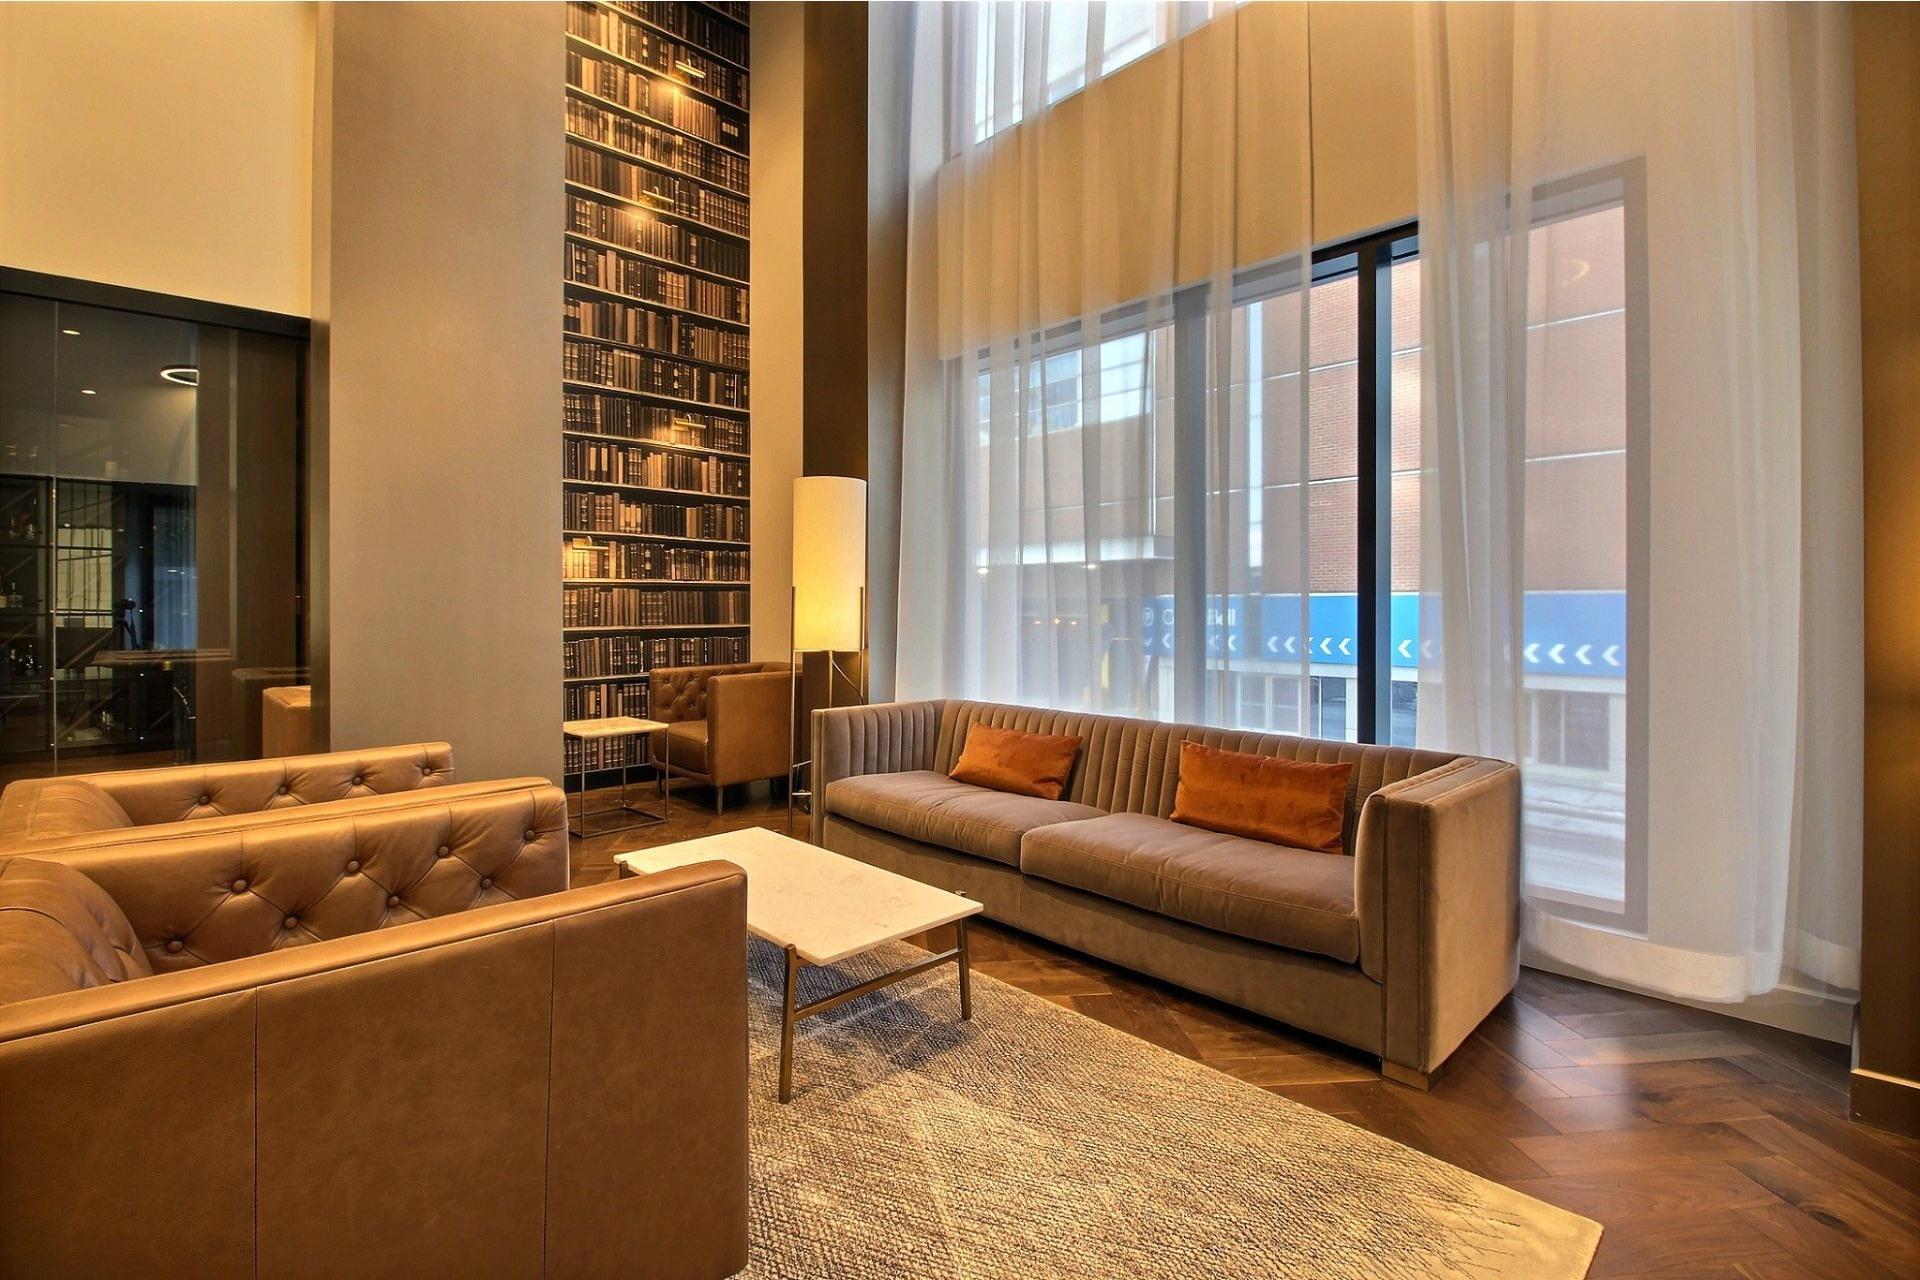 image 26 - Appartement À louer Ville-Marie Montréal  - 6 pièces